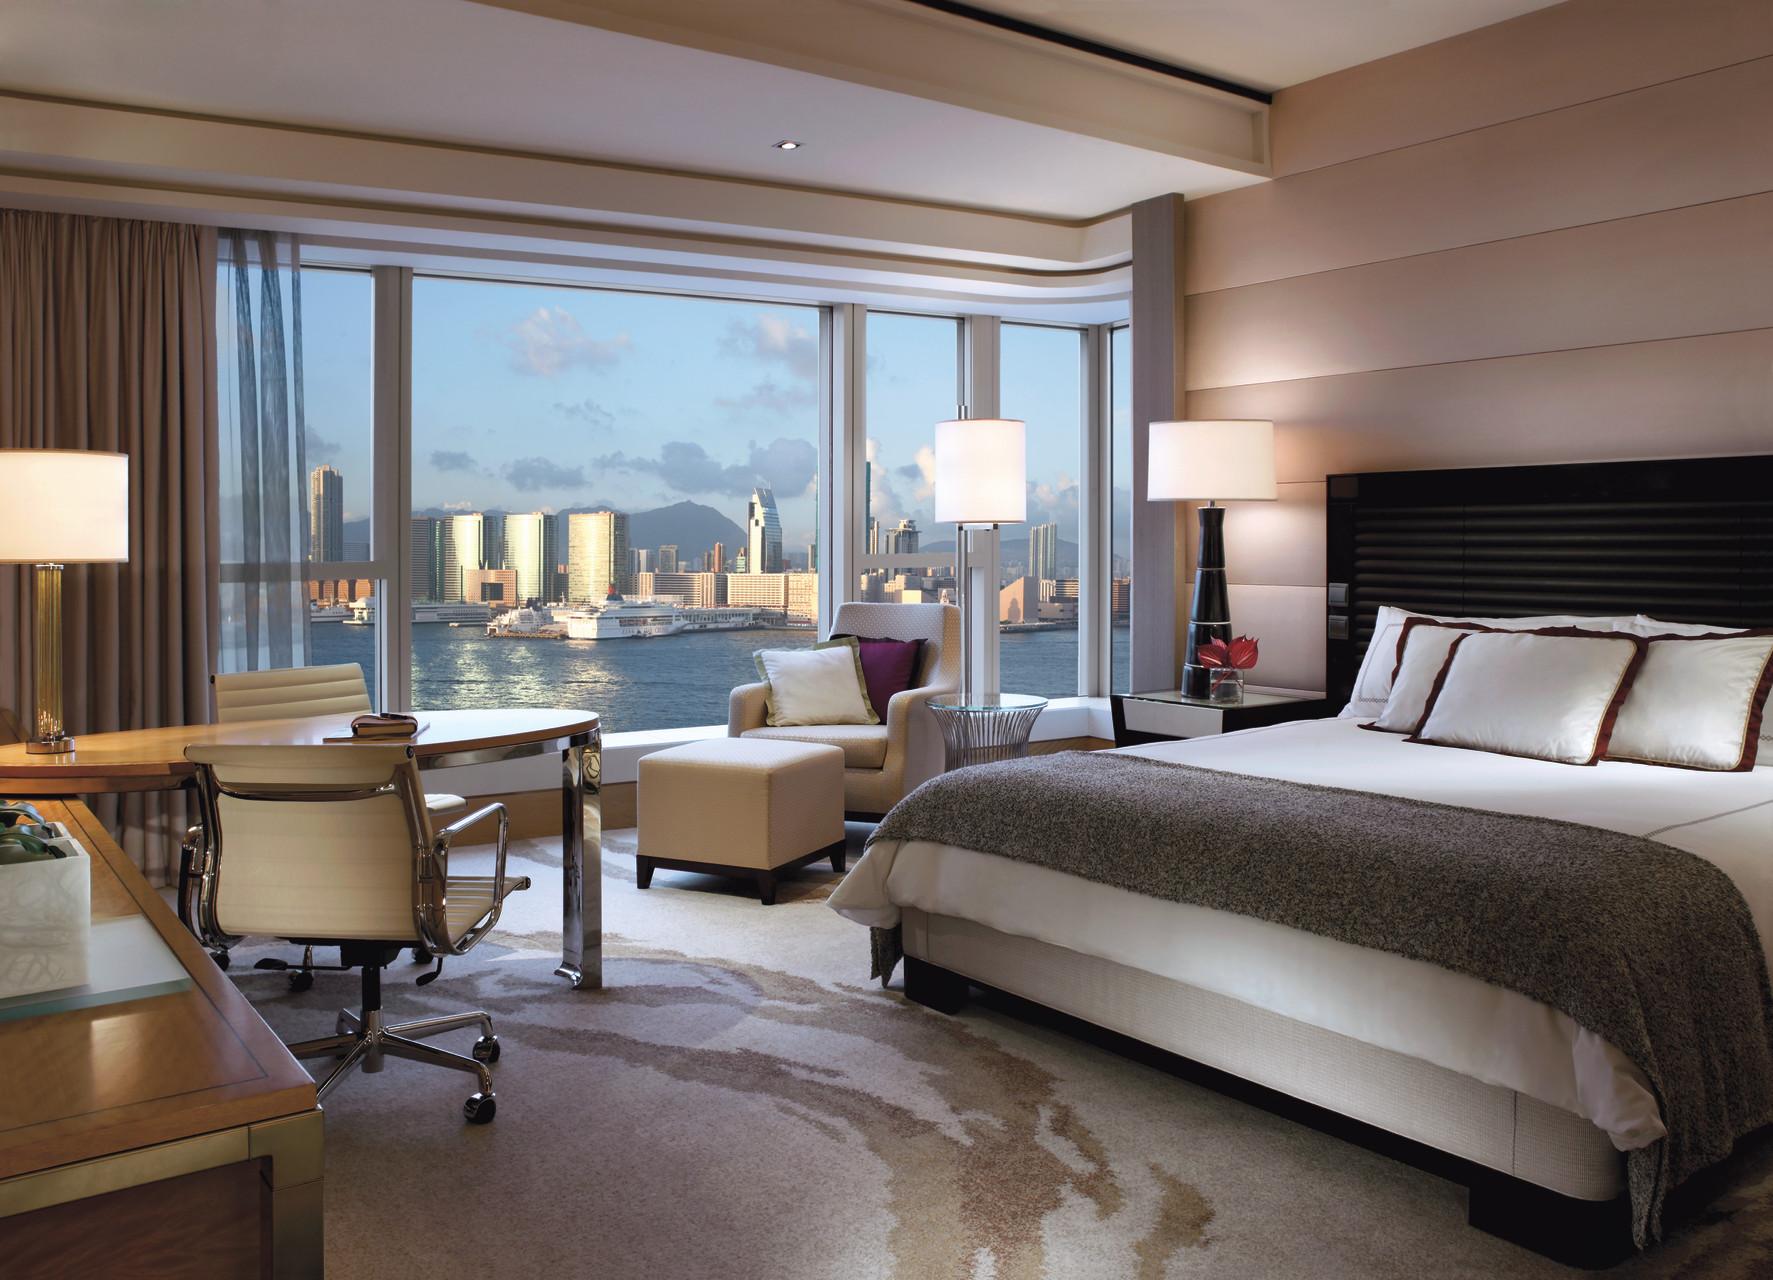 Les bonnes raisons de choisir l'hébergement dans des hôtels de luxe